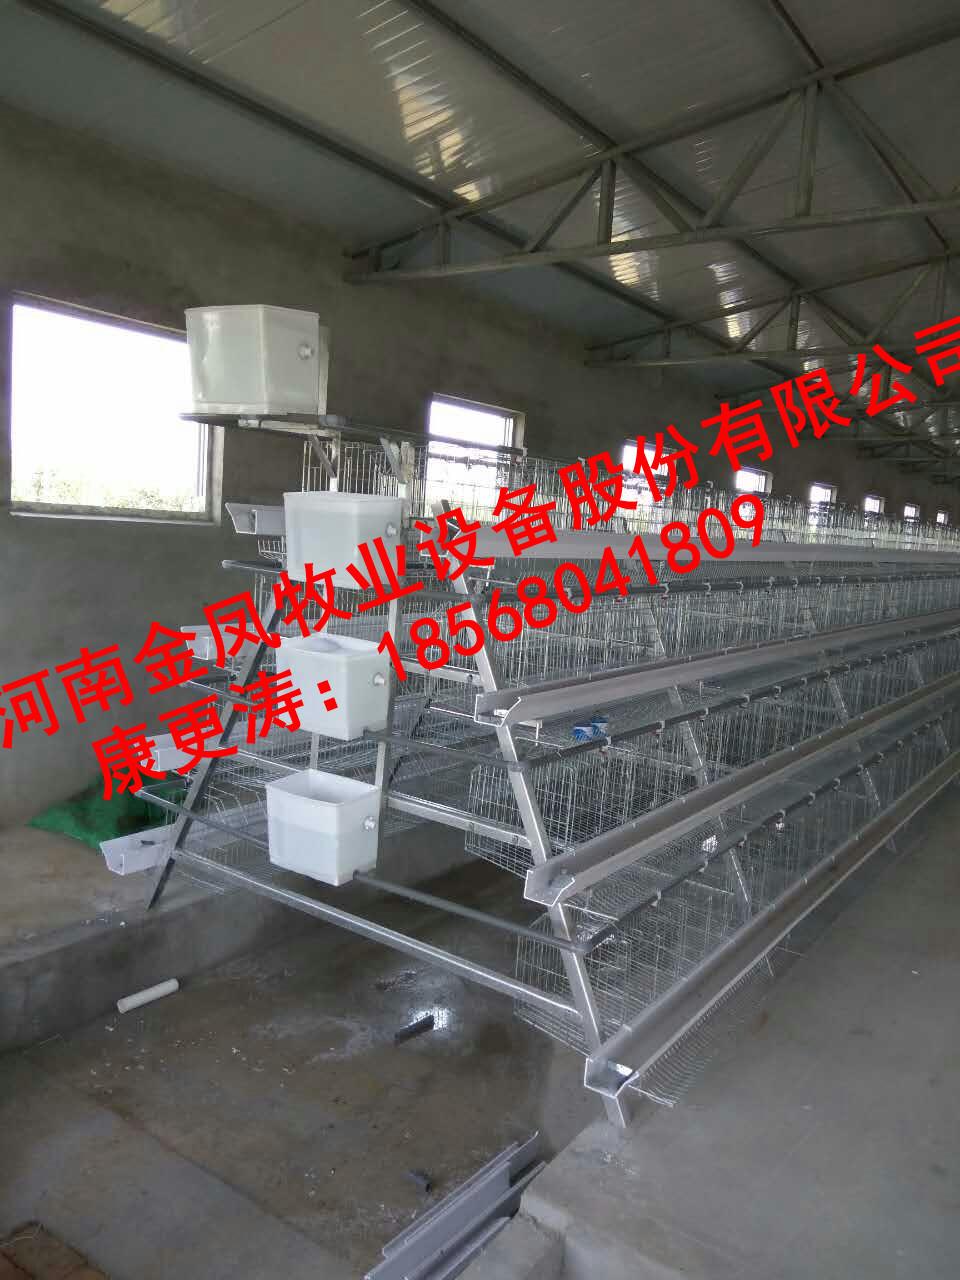 蛋鸡笼,供应厂家生产蛋鸡笼,鸡笼设备,养鸡设备,3层蛋鸡笼,阶梯式蛋鸡笼,自动化蛋鸡笼